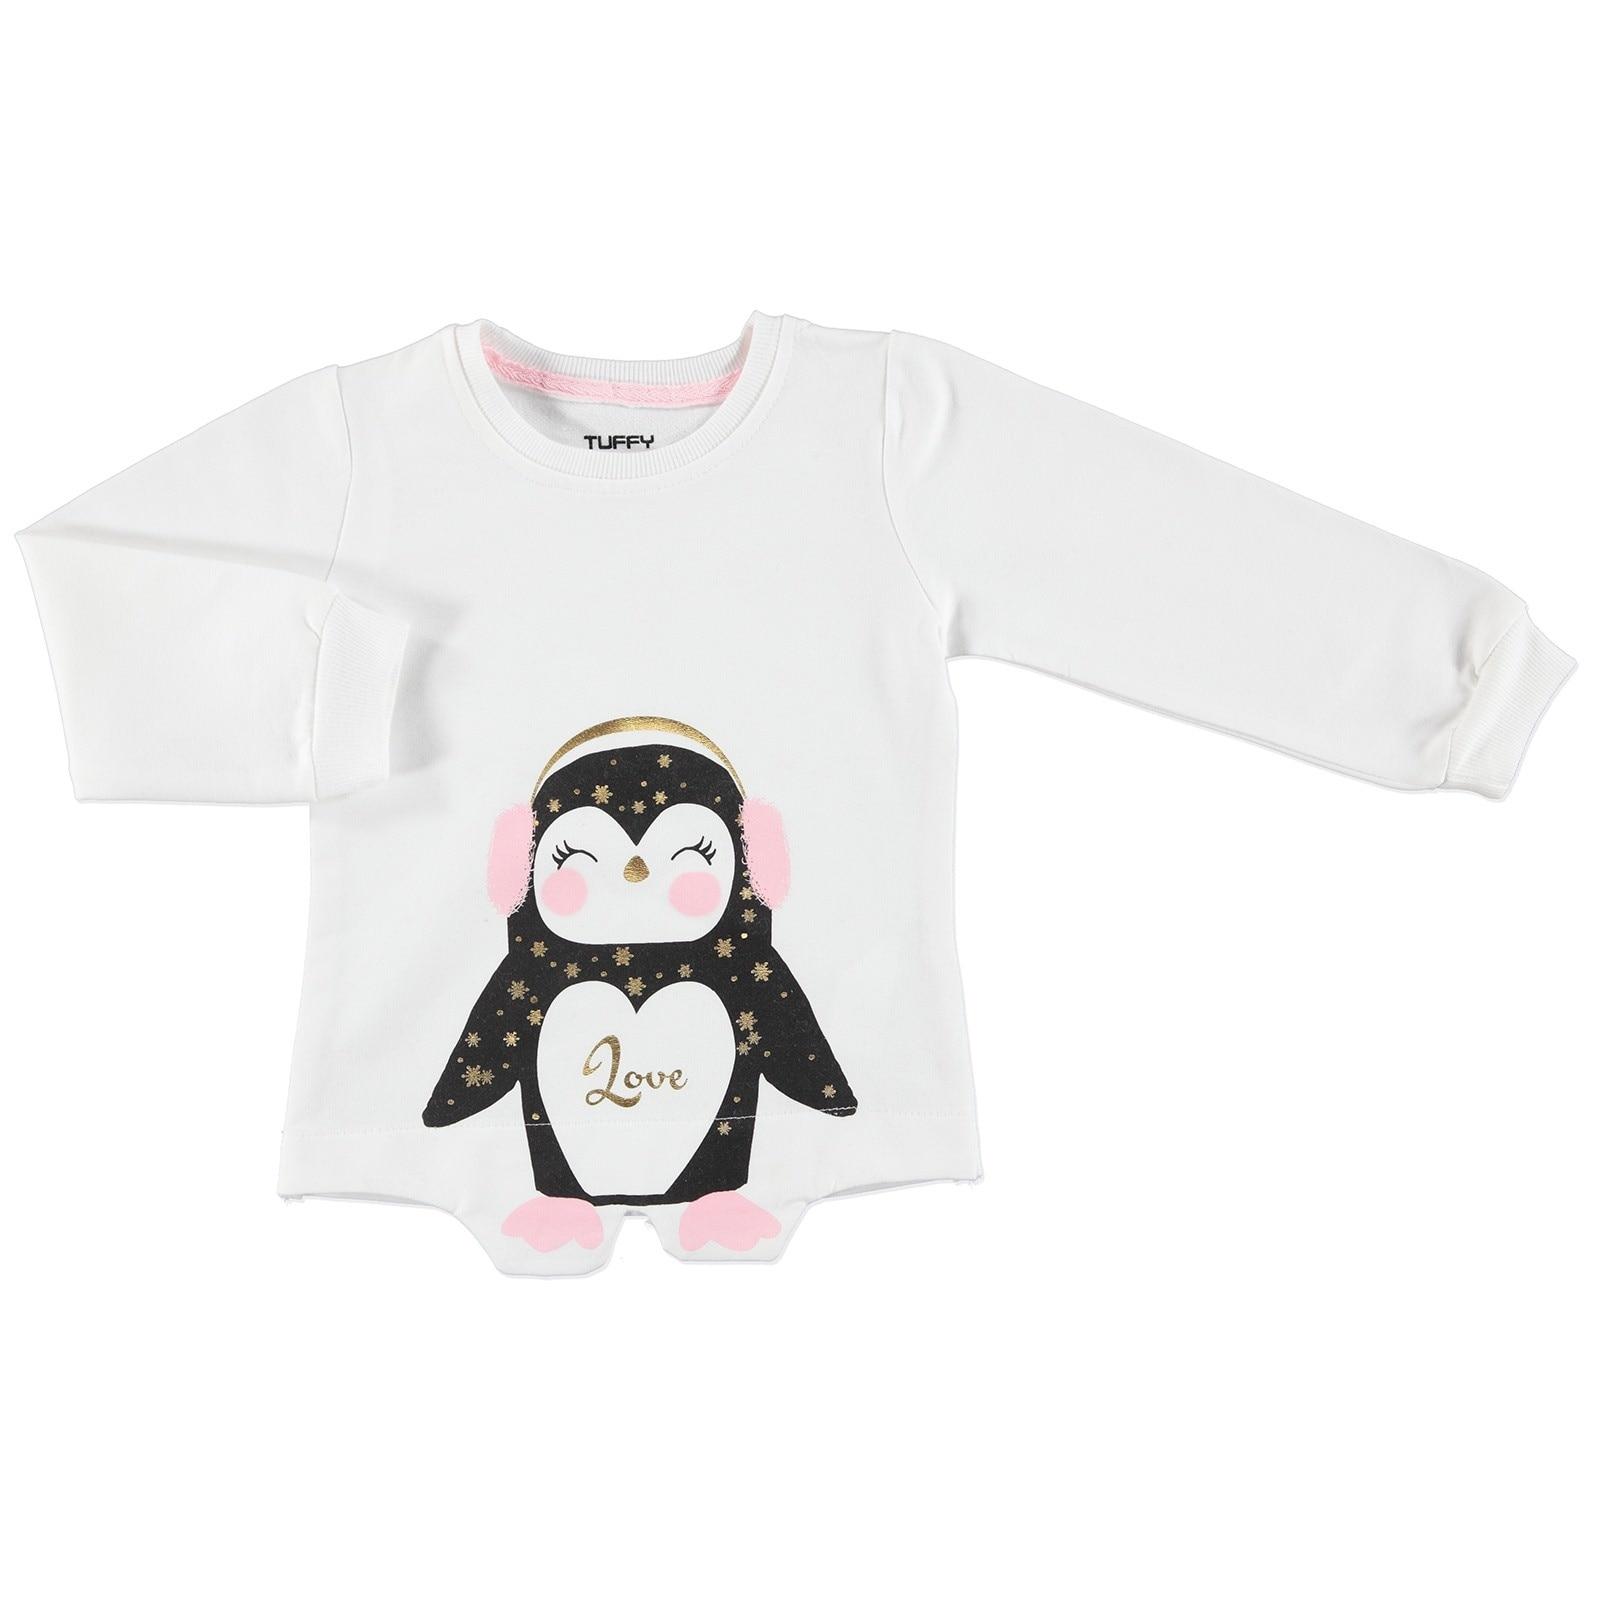 Ebebek Tuffy Chic Penguin Printed Baby Girl Sweatshirt